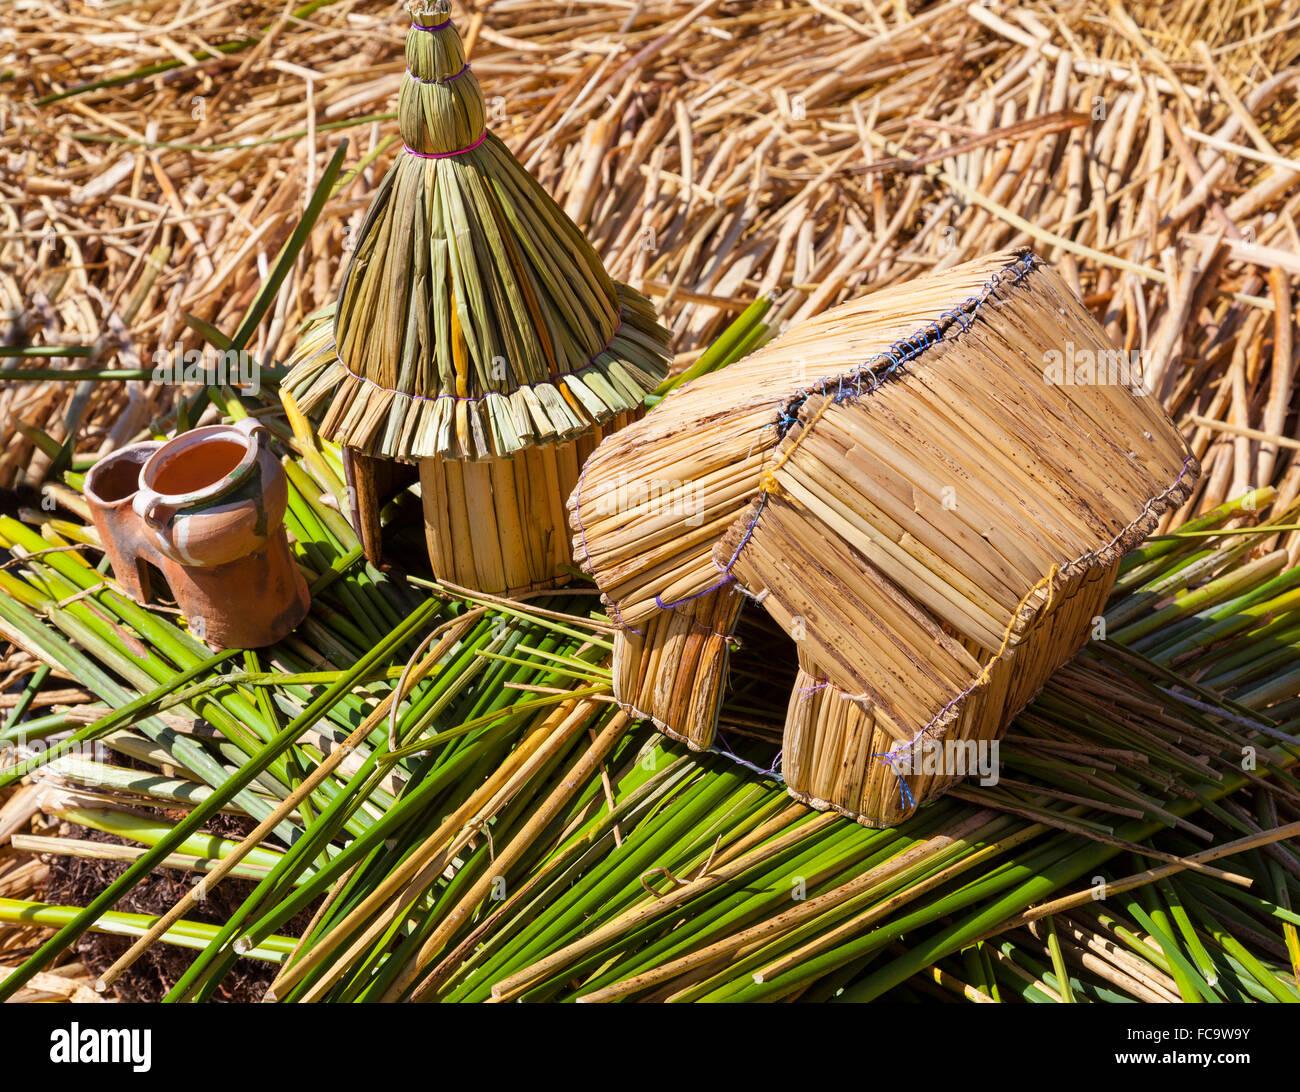 Handicraft - Uros Islands - Stock Image